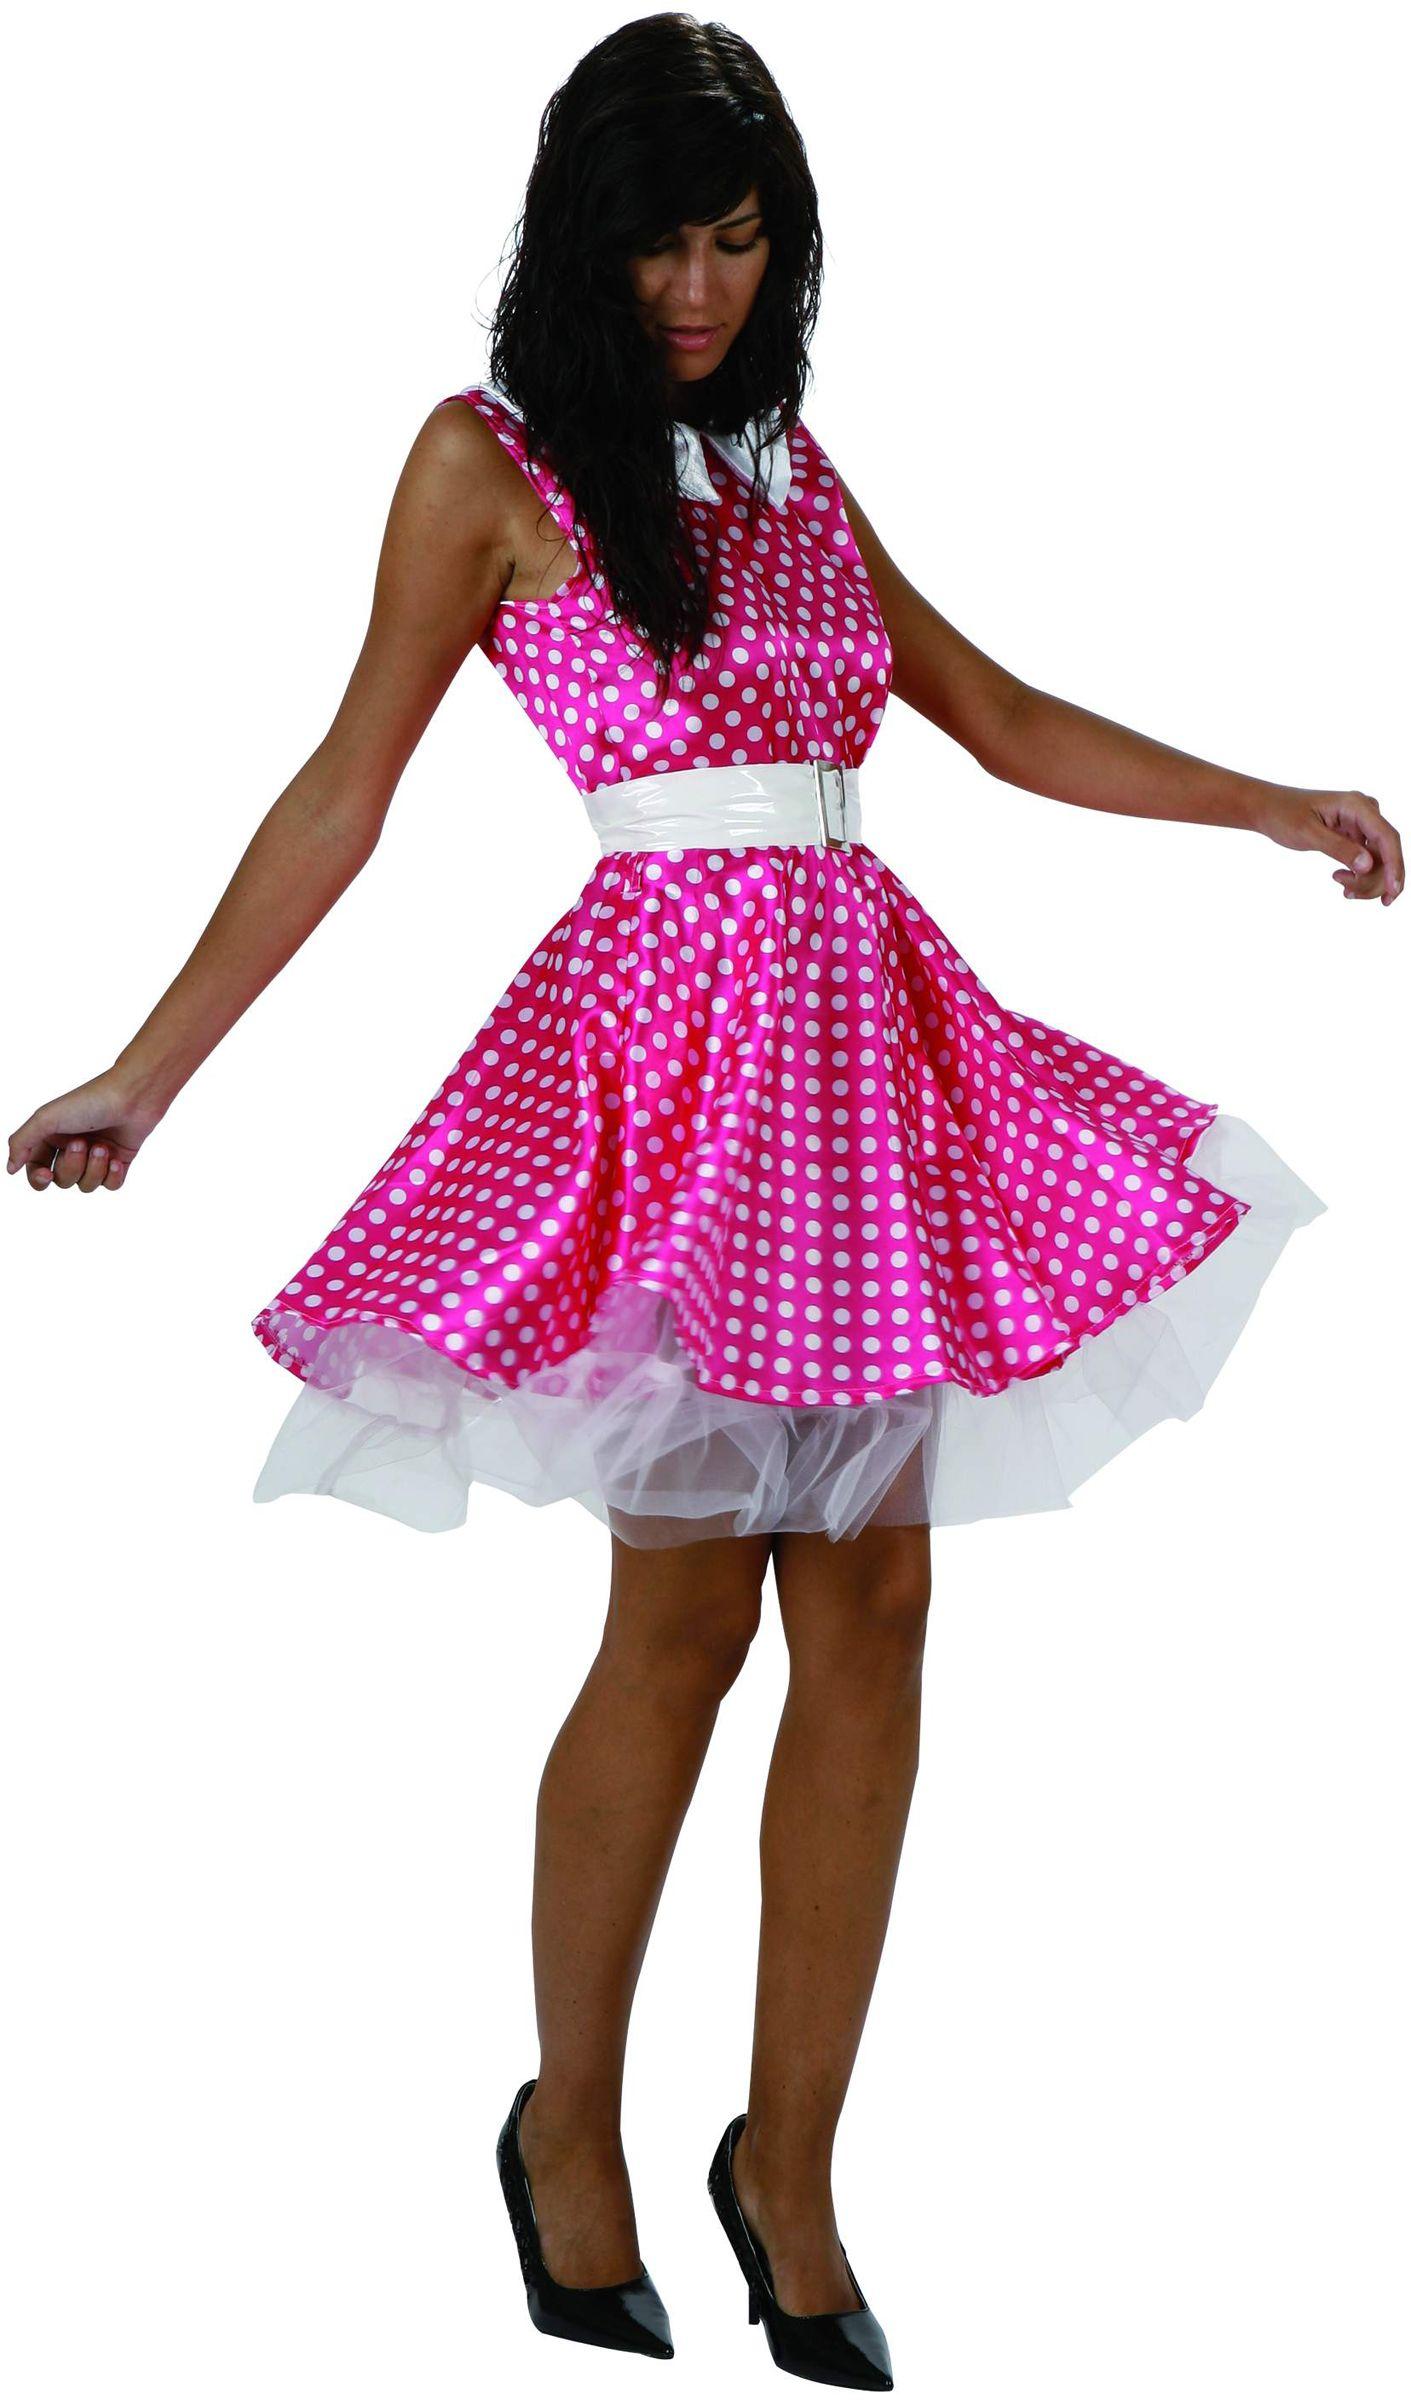 Disfraz rosa de los años 50 para mujer: Este disfraz rosa de los ...